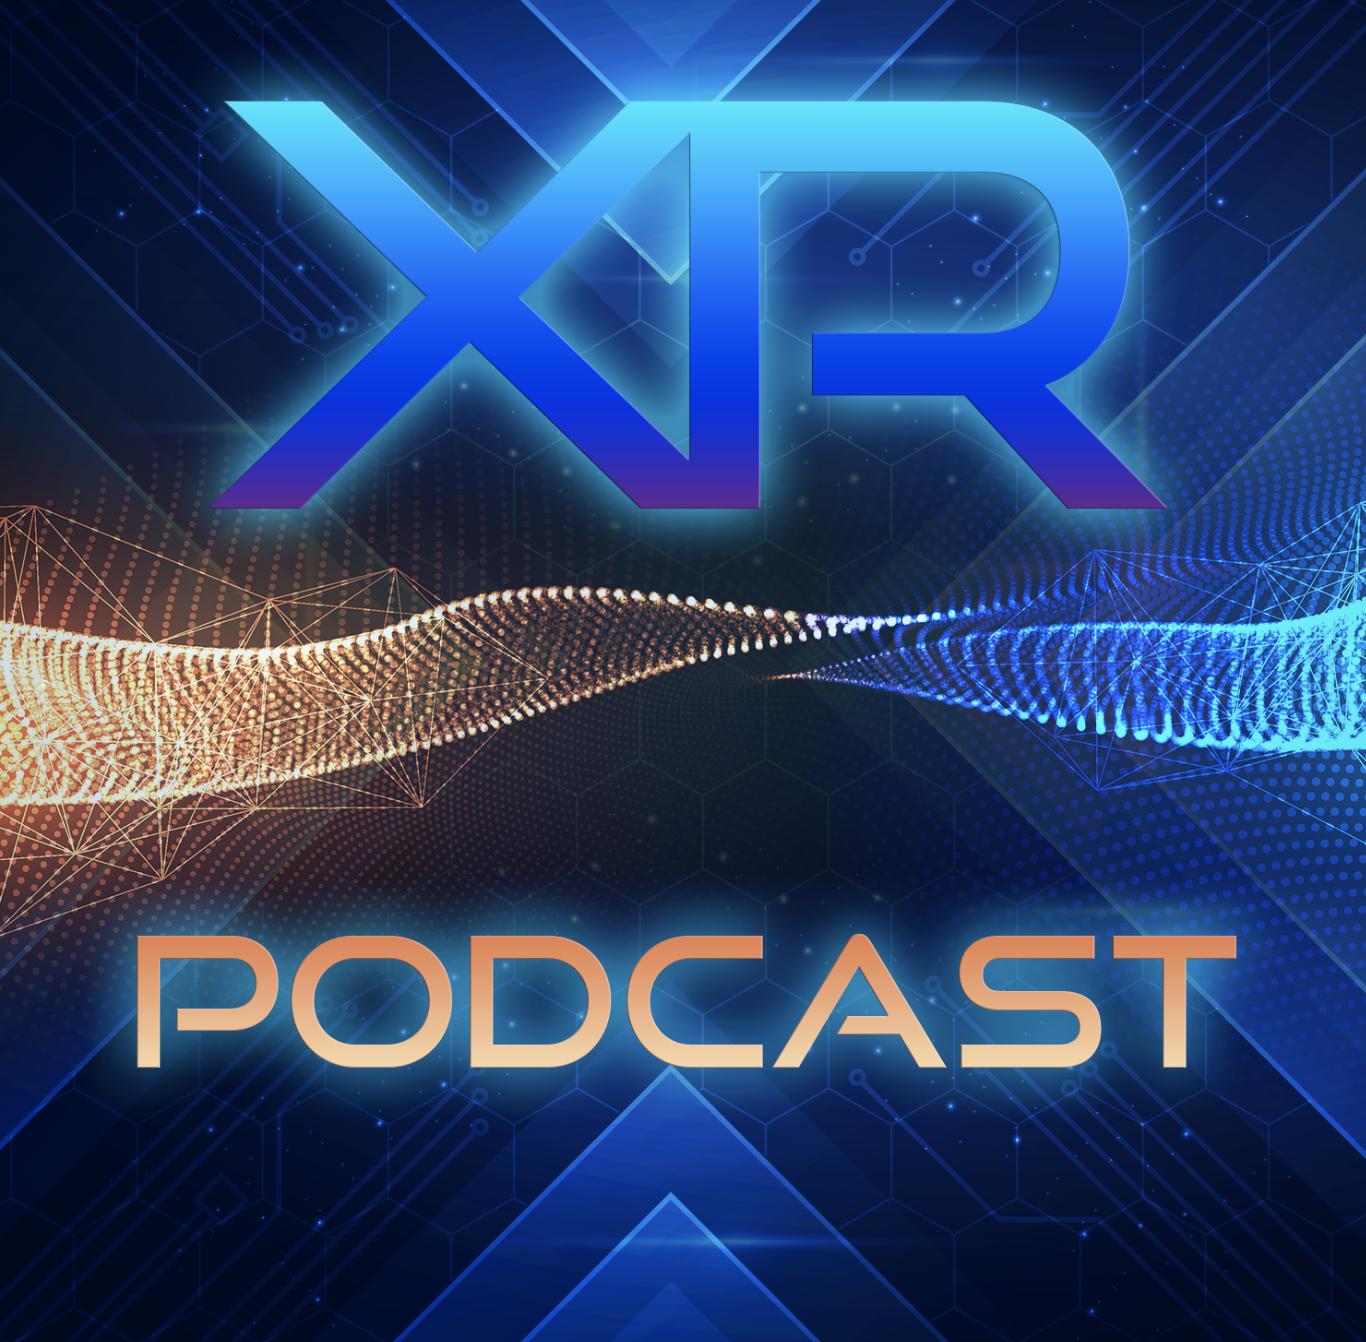 XR Podcast logo